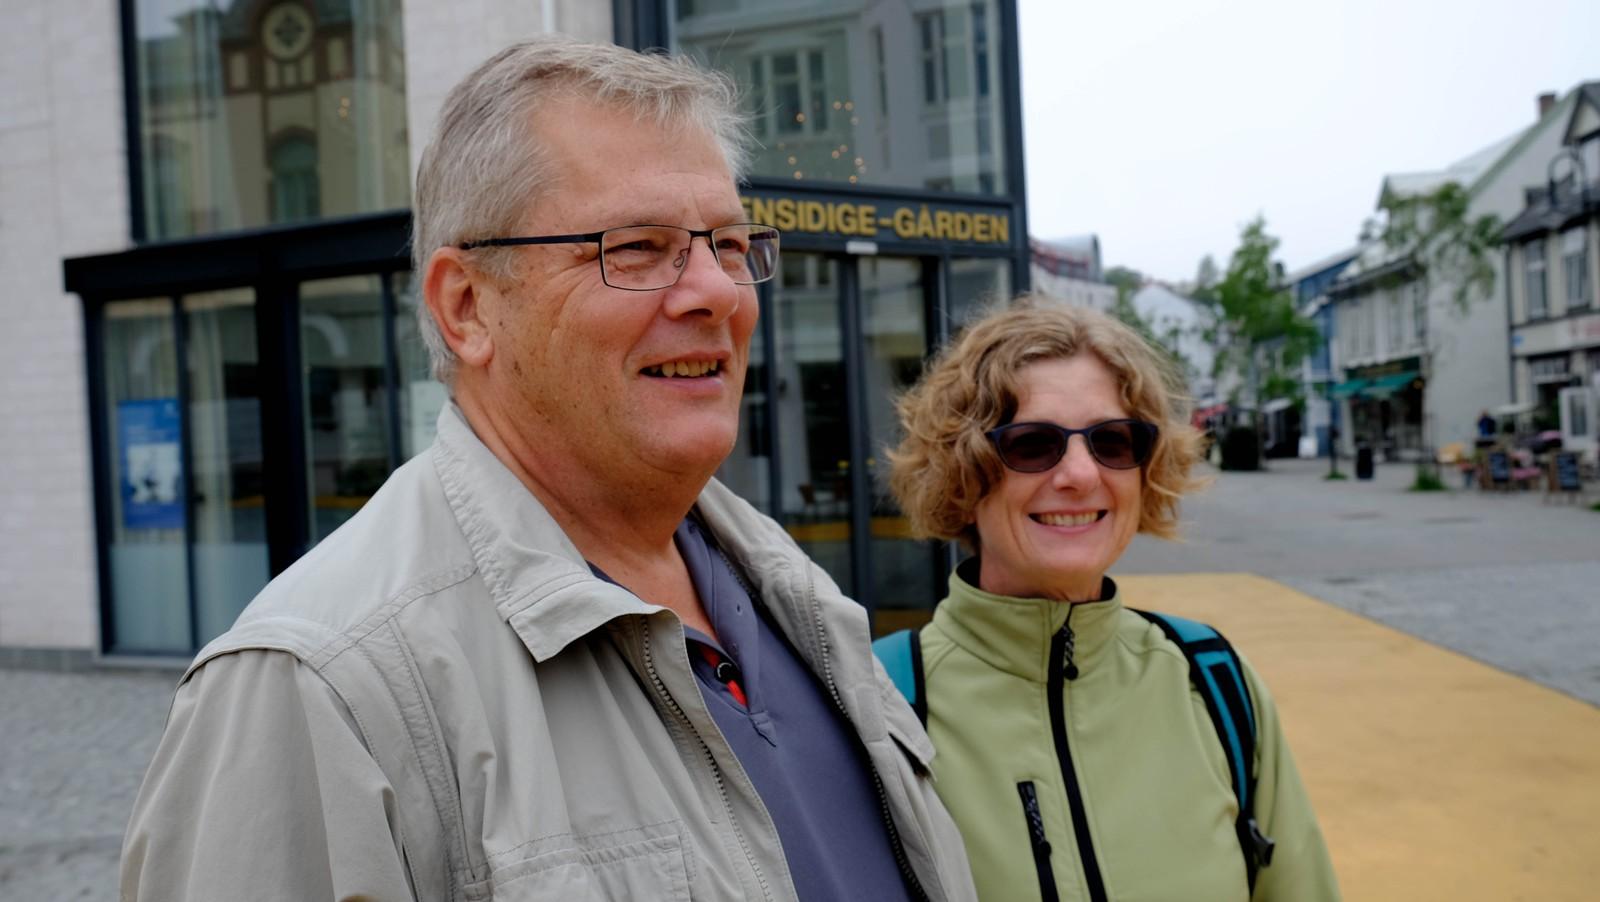 Lise Christensen og Rolf Nielsen fra Danmark synes det er dyrt nok å komme til Norge, og er usikker på hvilken annen ordning som ville hjulpet. De synes at Norge er et rent og pent land.